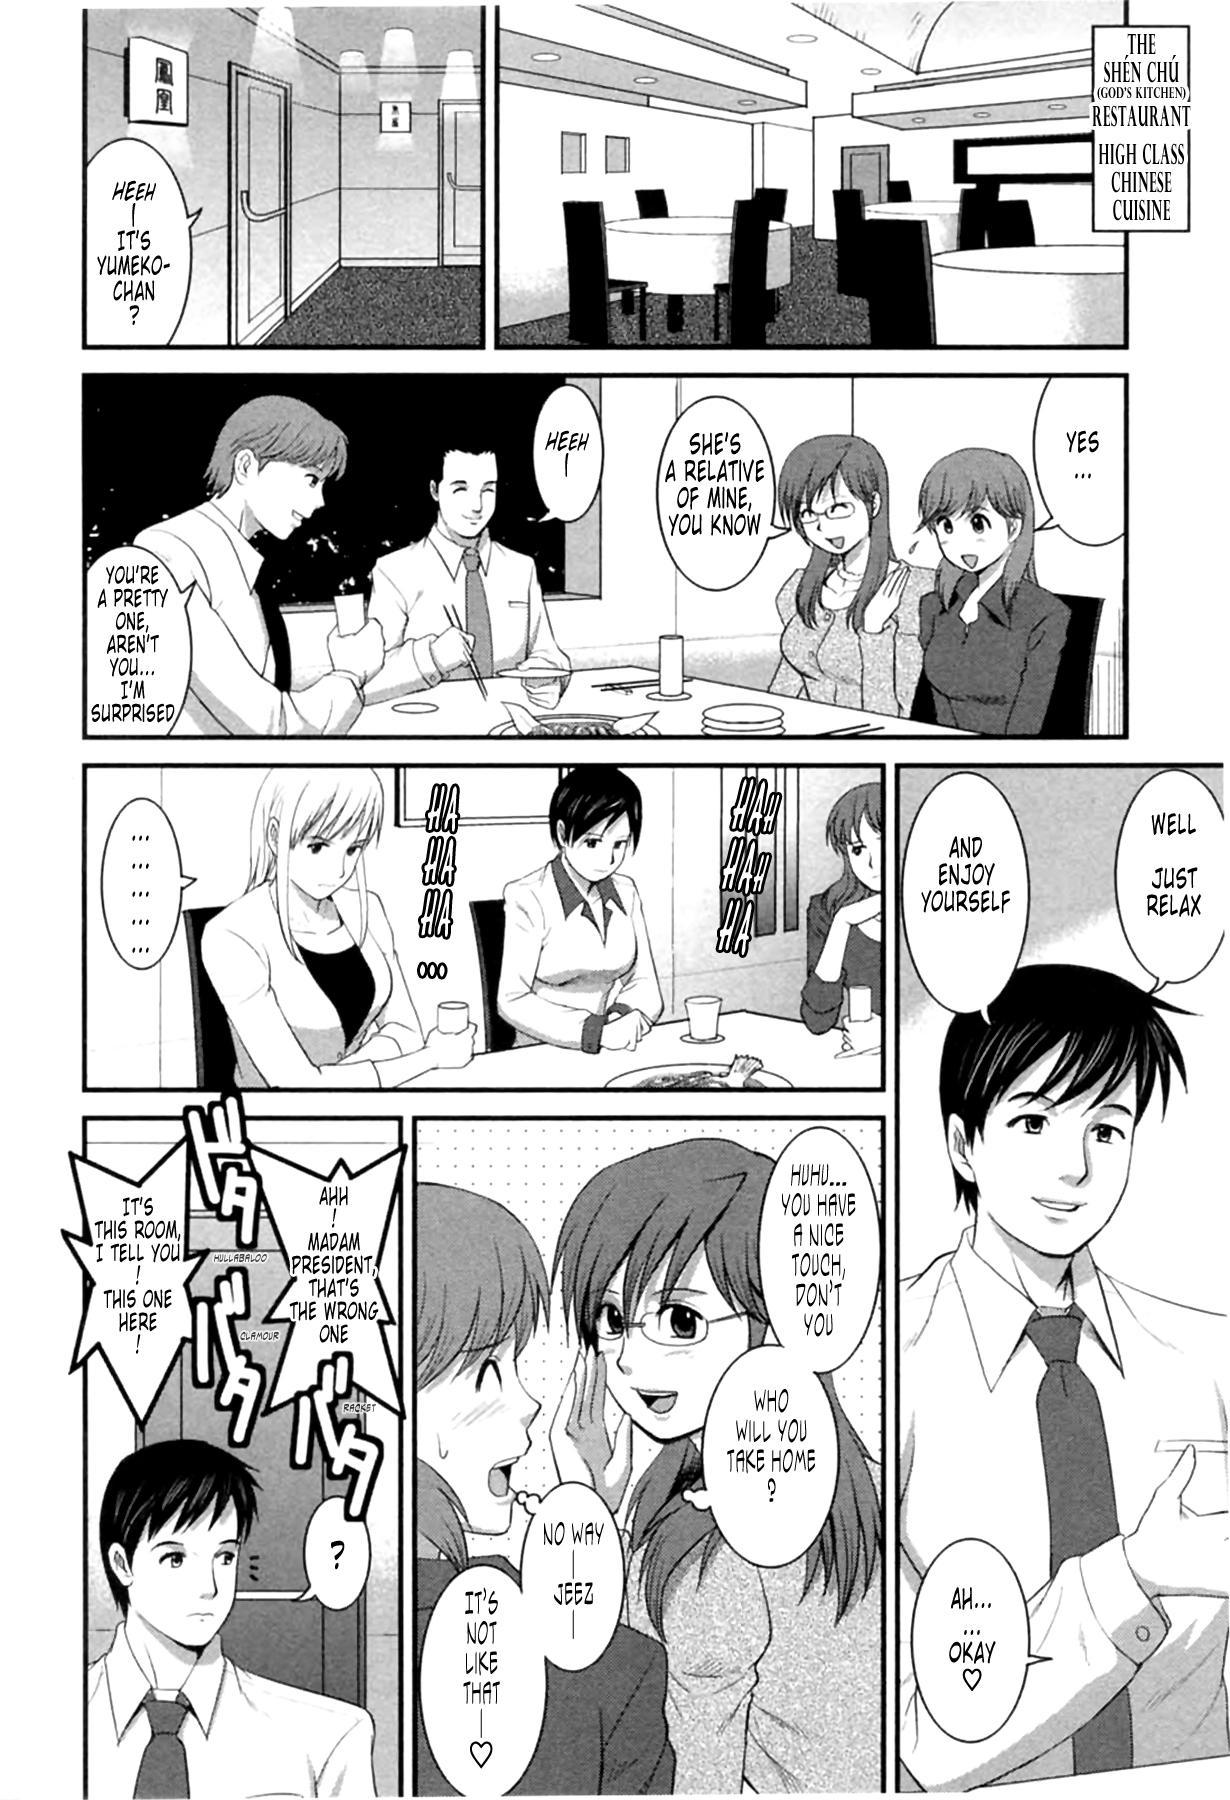 [Saigado] Haken no Muuko-san 2 Ch. 11-15 [English] [Tonigobe] 14